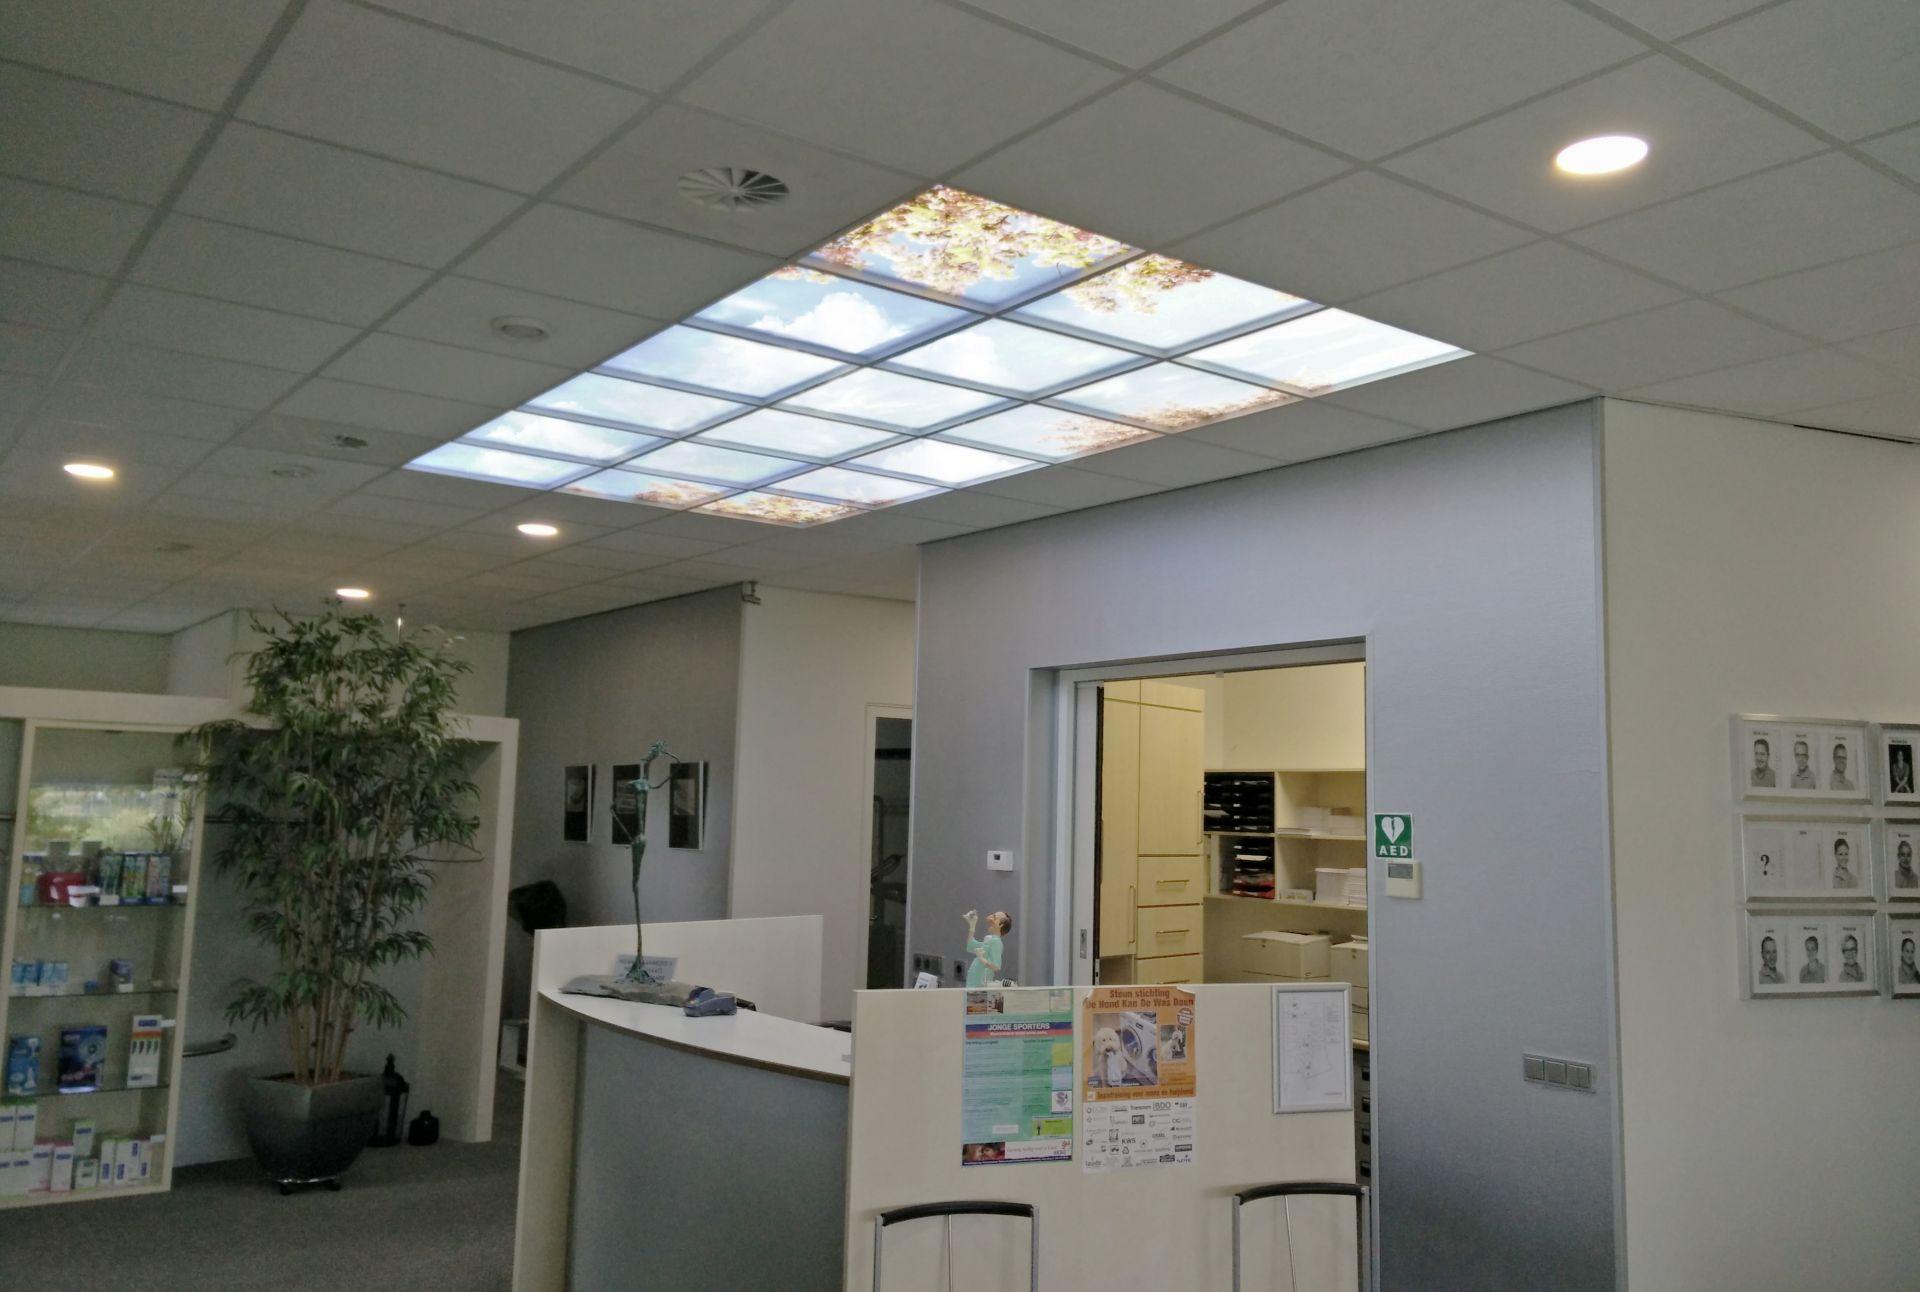 Balie bij de tandarts met een wolkenplafond. De foto print van het wolkenplafond word verlicht met meerdere LED panelen van 60x60 cm